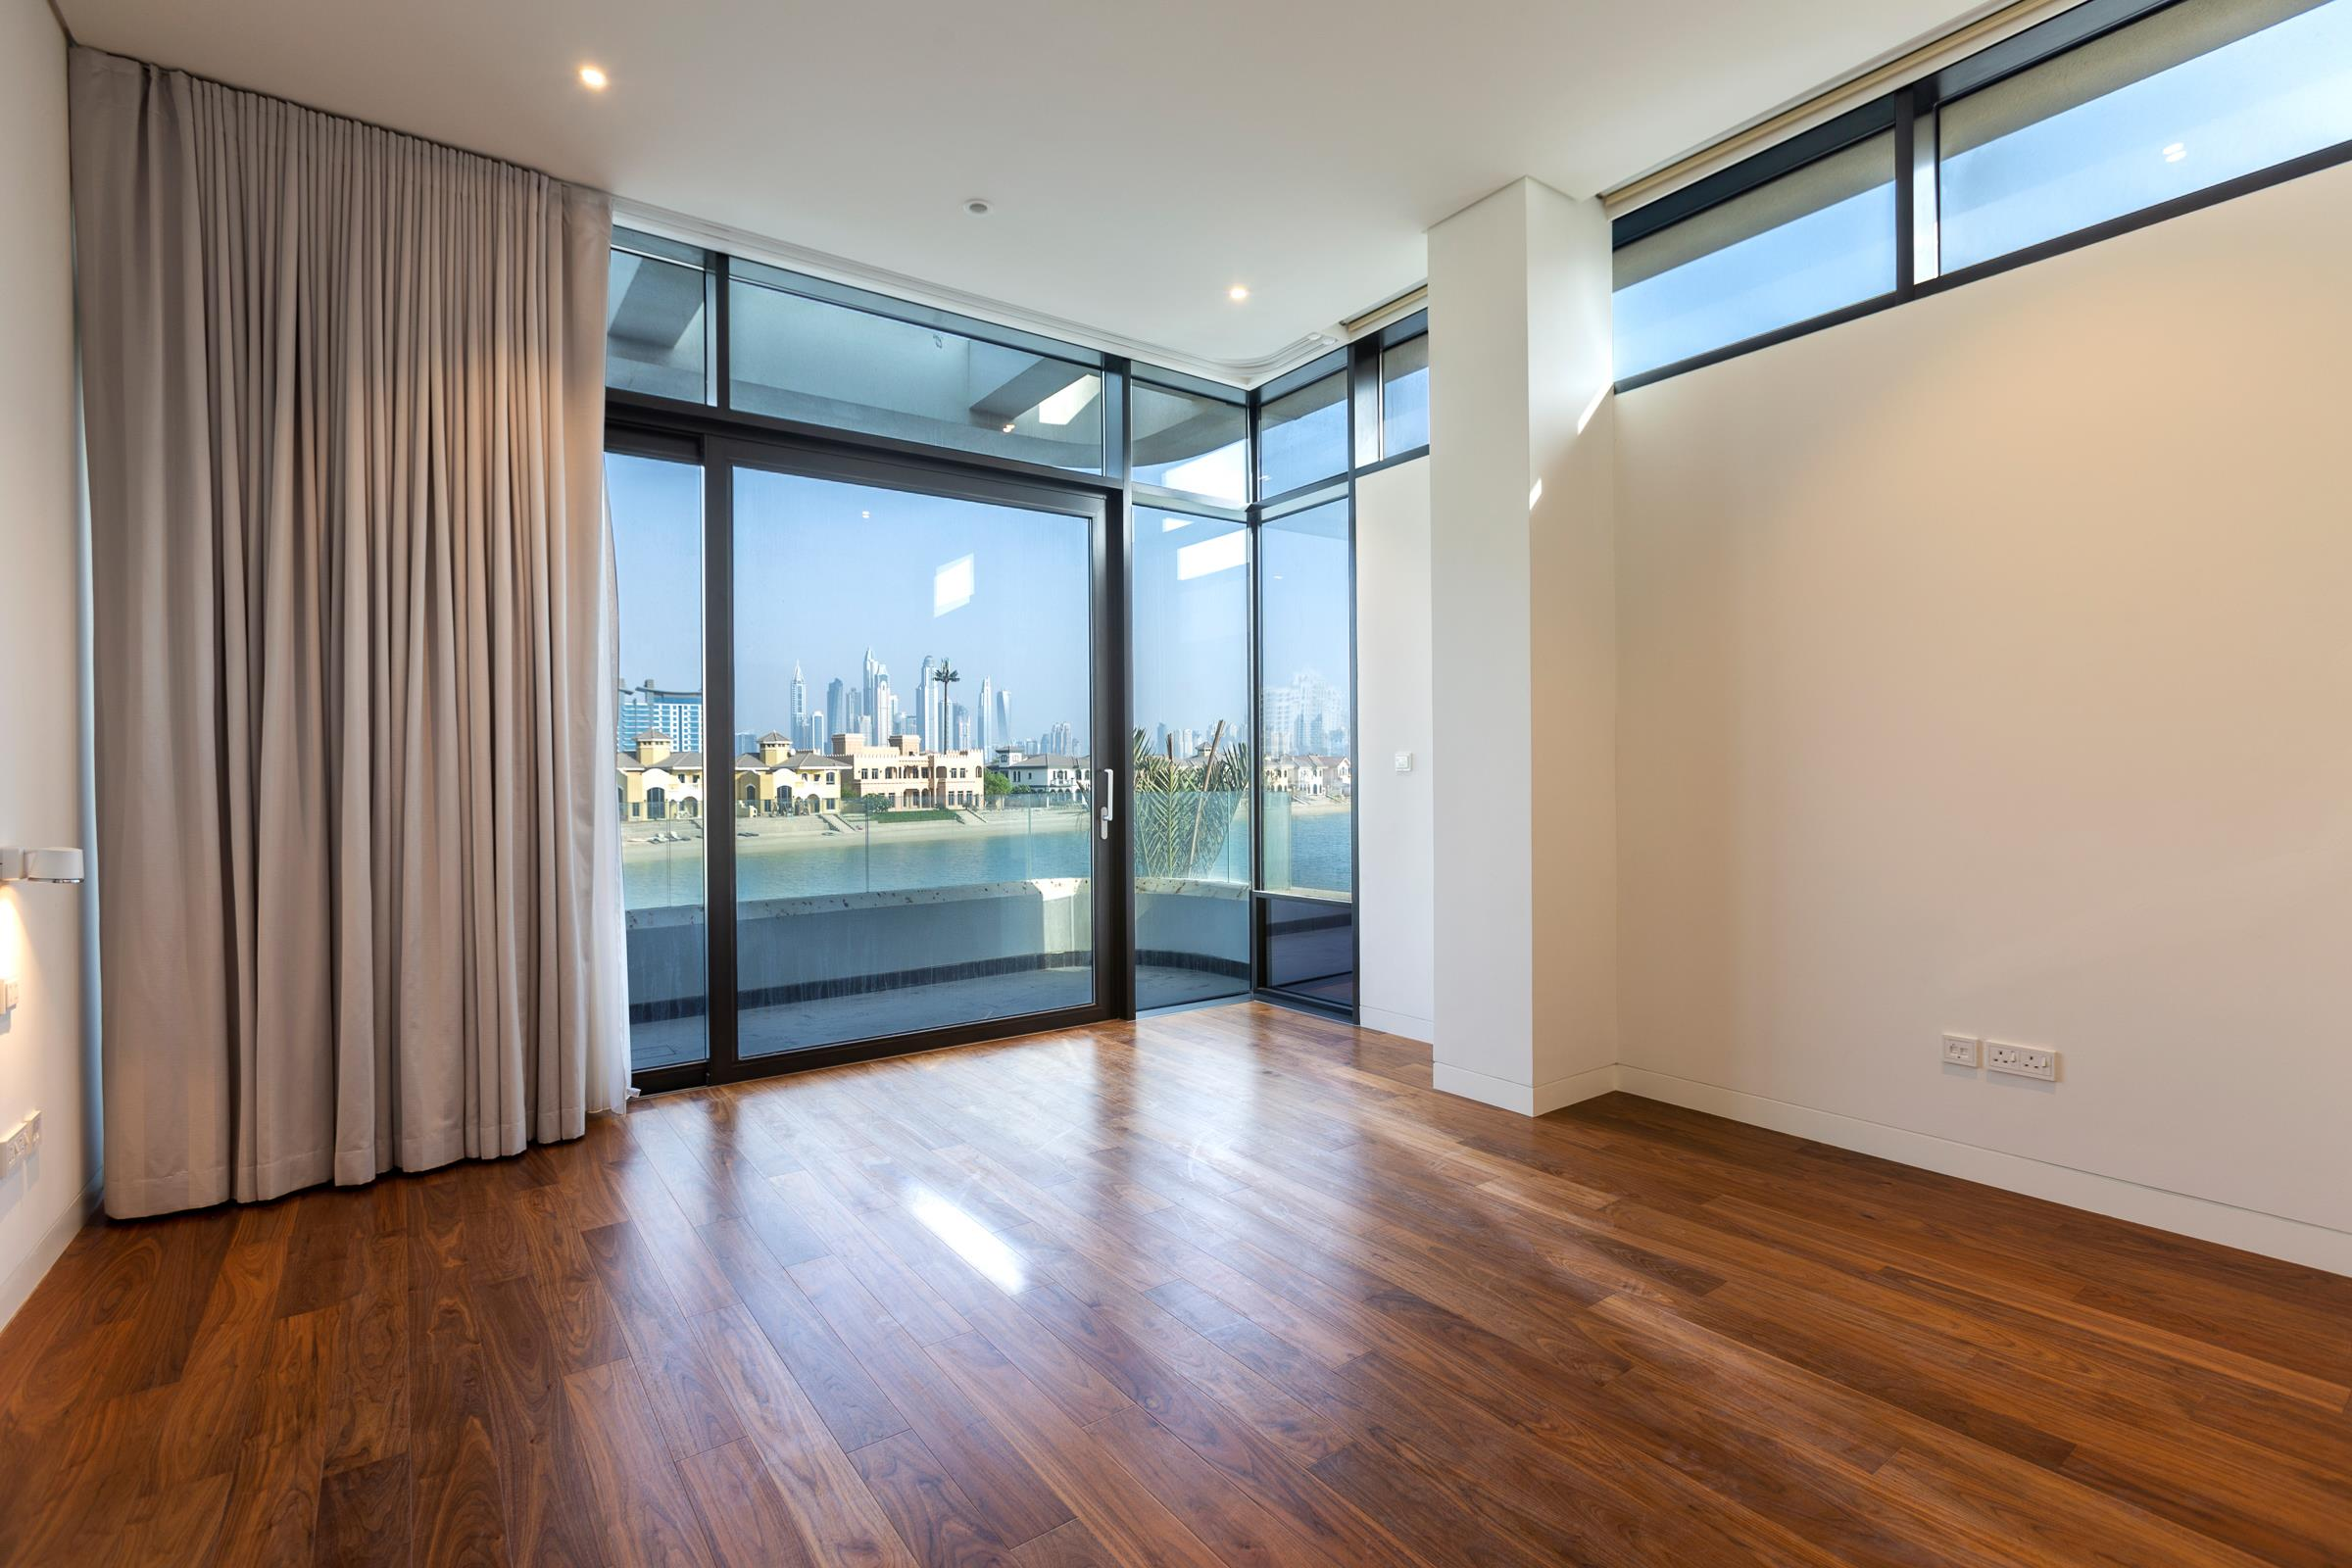 Custom Build   Five Bedrooms  Smart Home